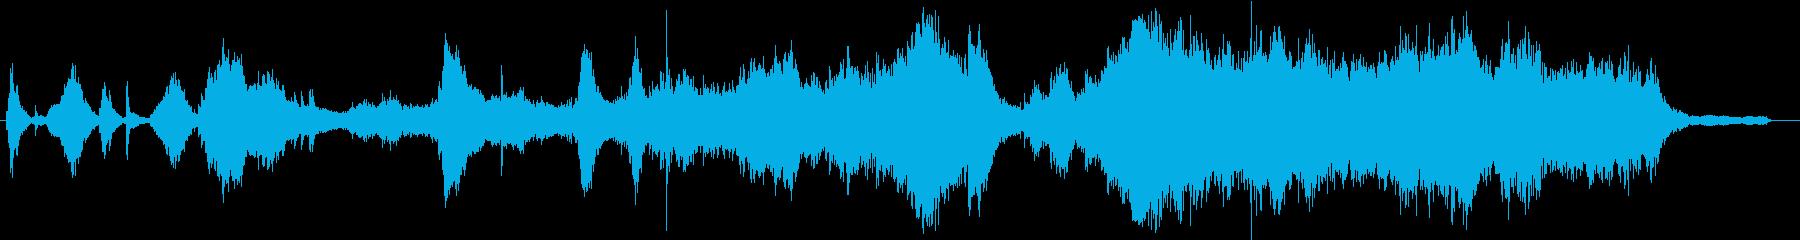 生演奏!ピアノホラーなアンビエントの再生済みの波形